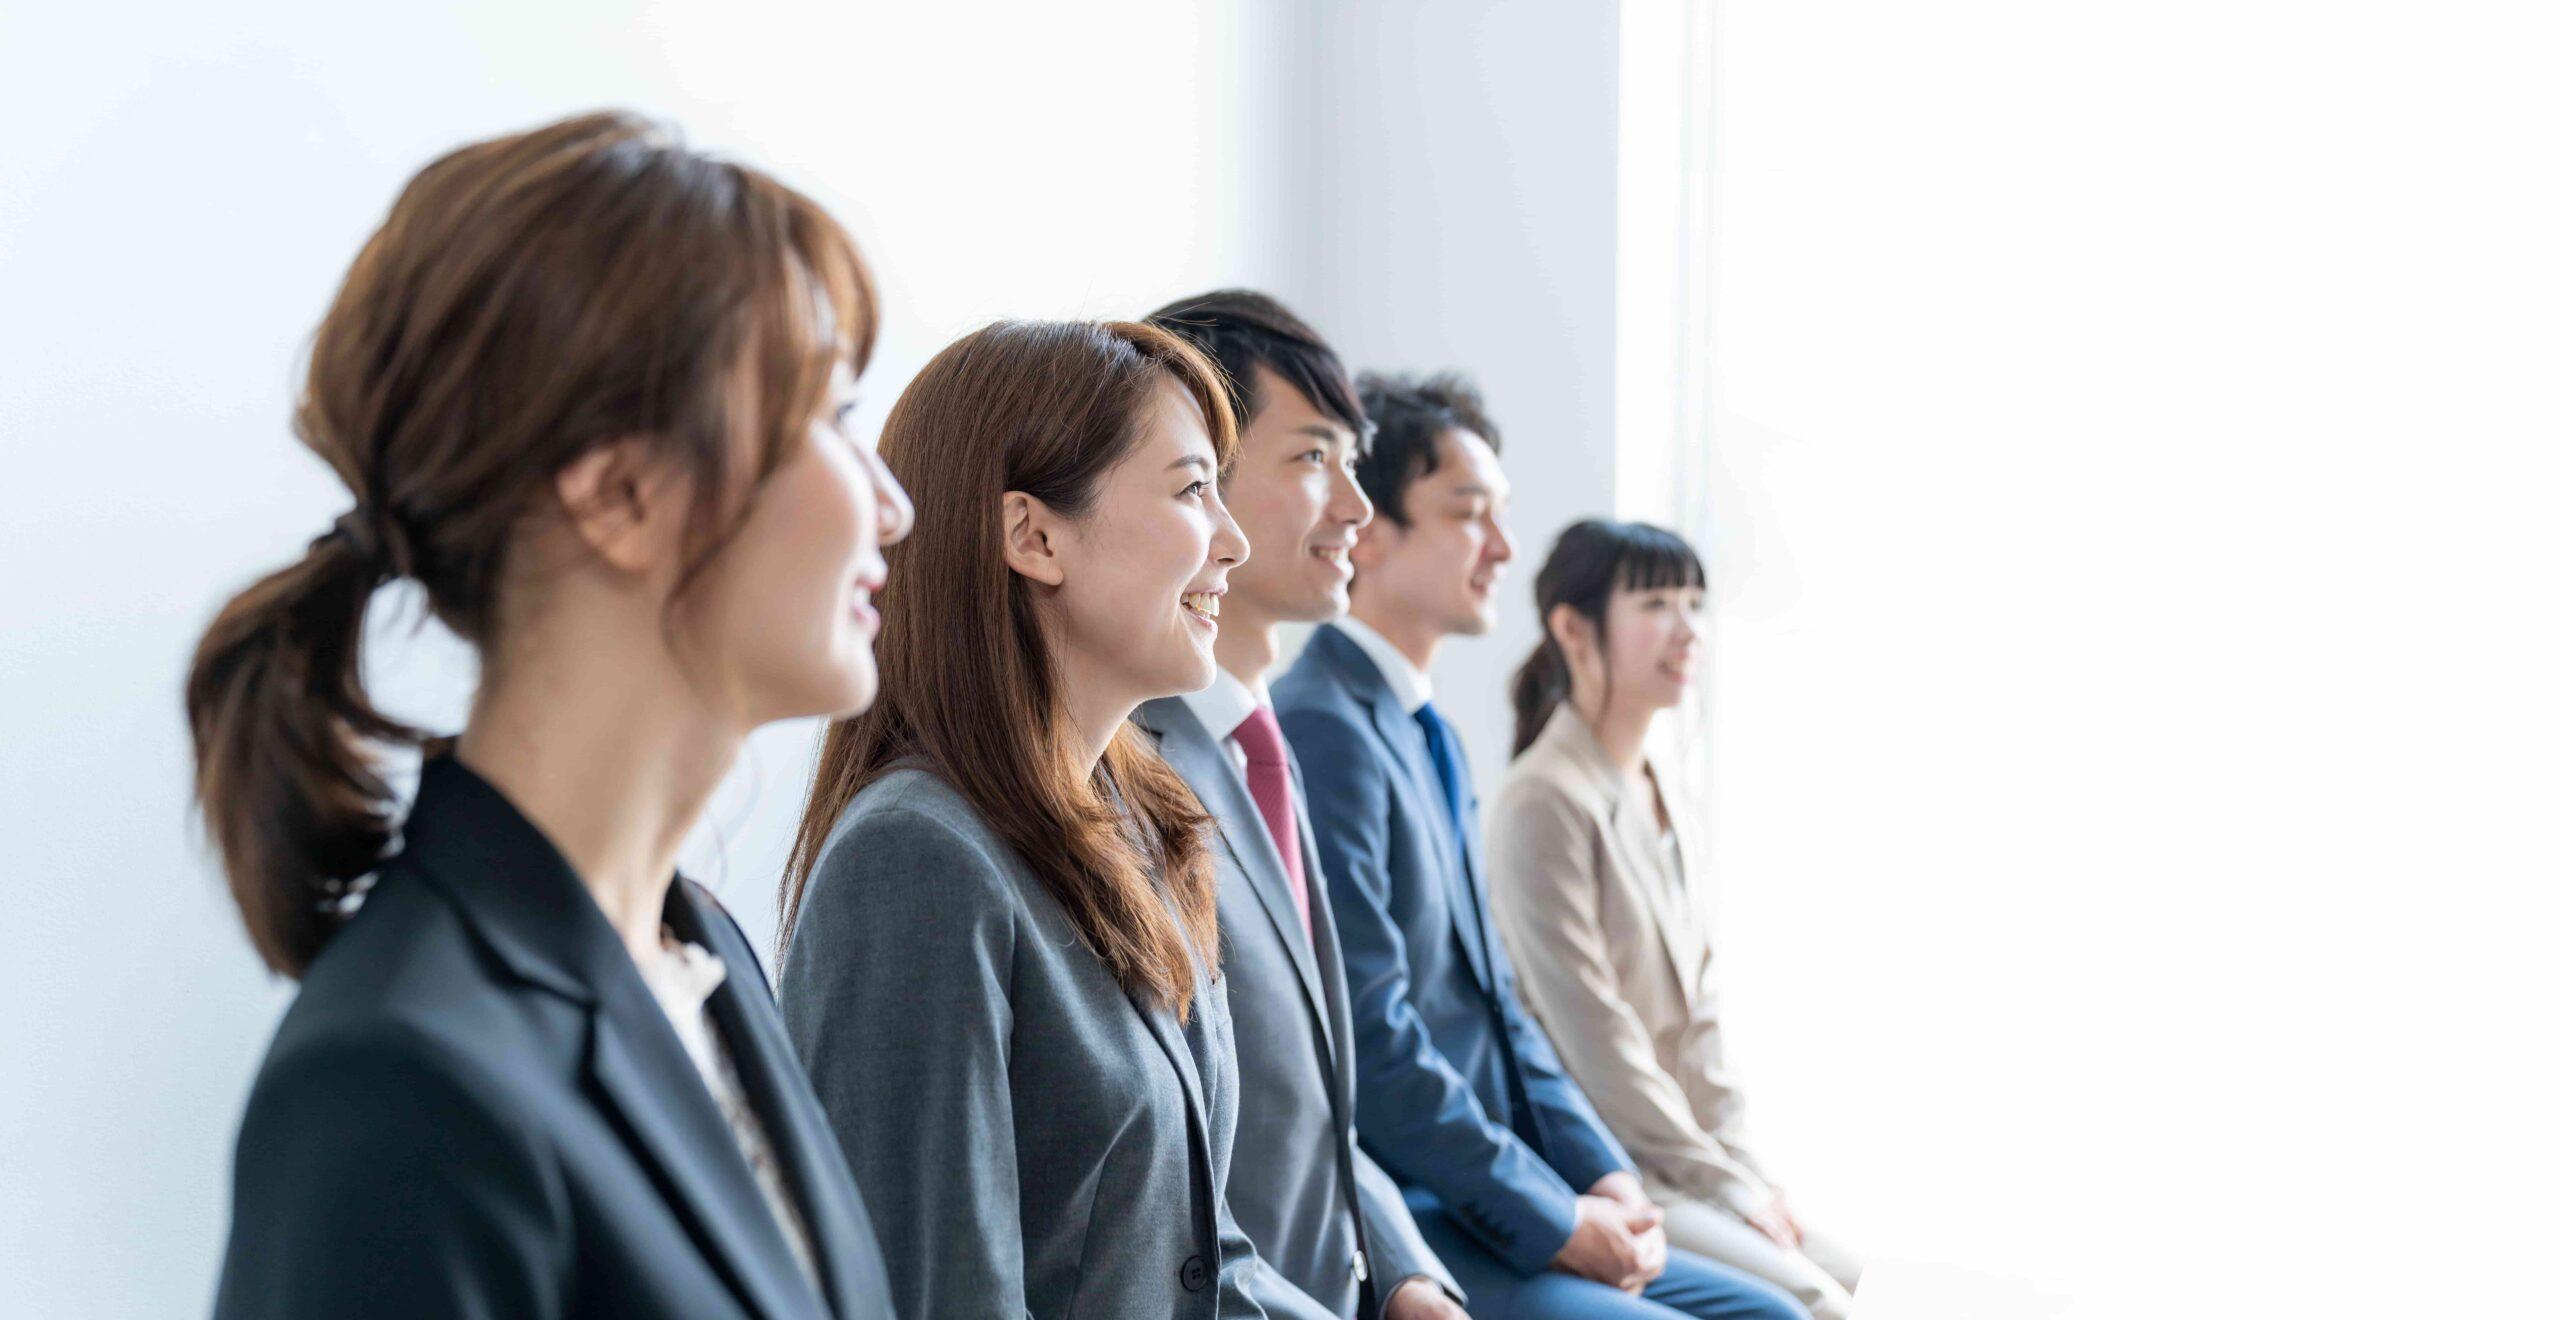 ベンチャー企業ができる採用方法